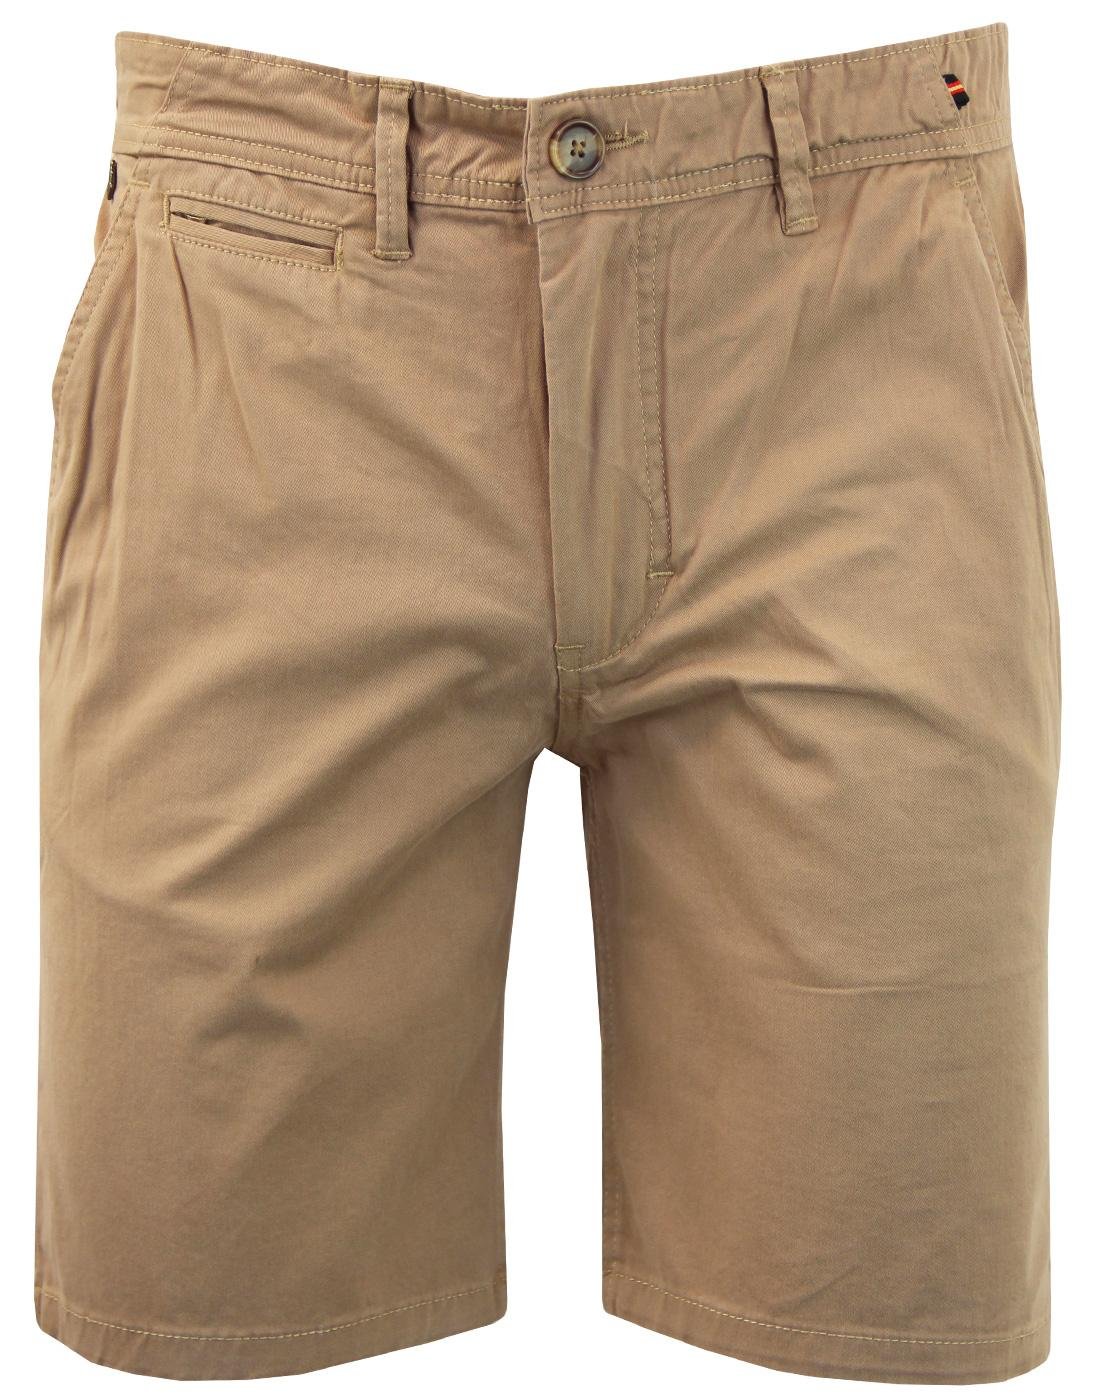 Corbitt LUKE Men's Military Chino Shorts SAND